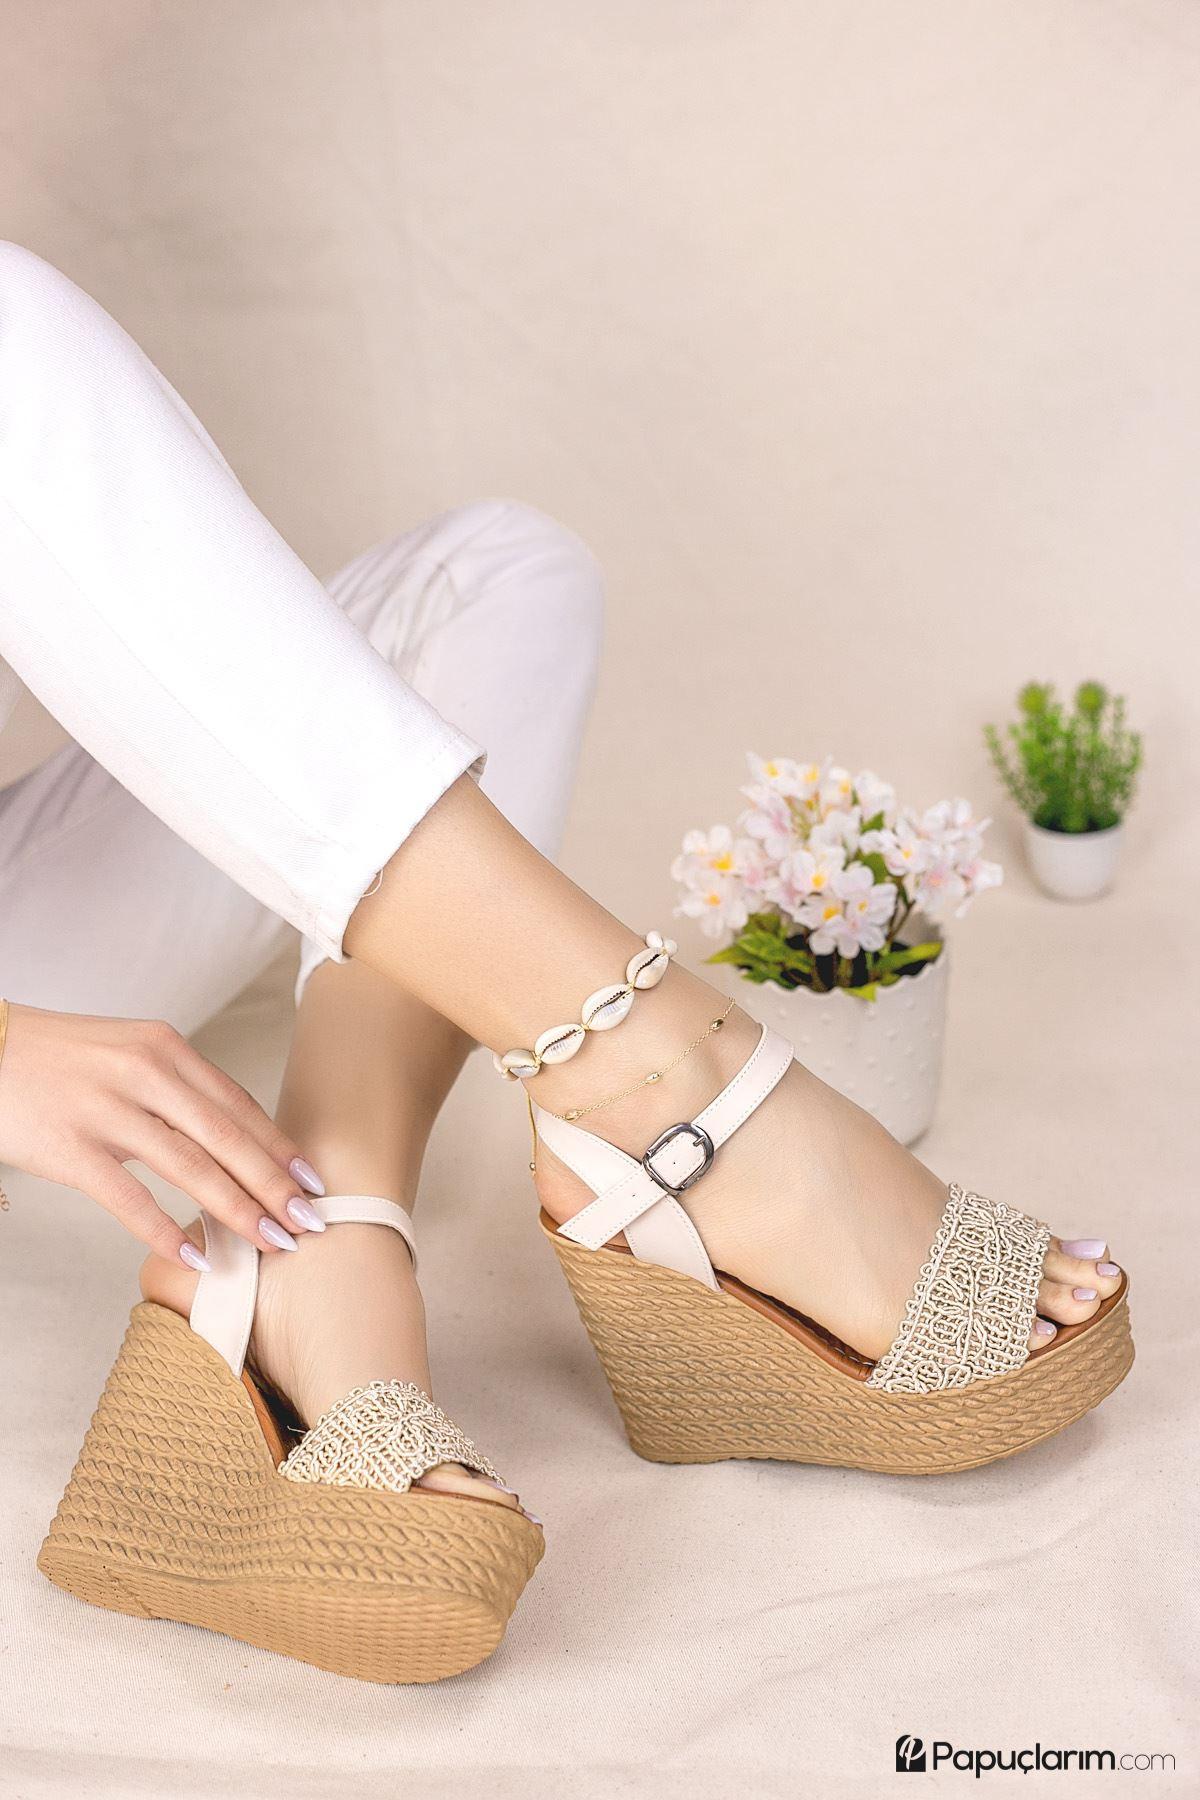 Hilde Krem Dantel Yüksek Dolgu Topuk Kadın Ayakkabı